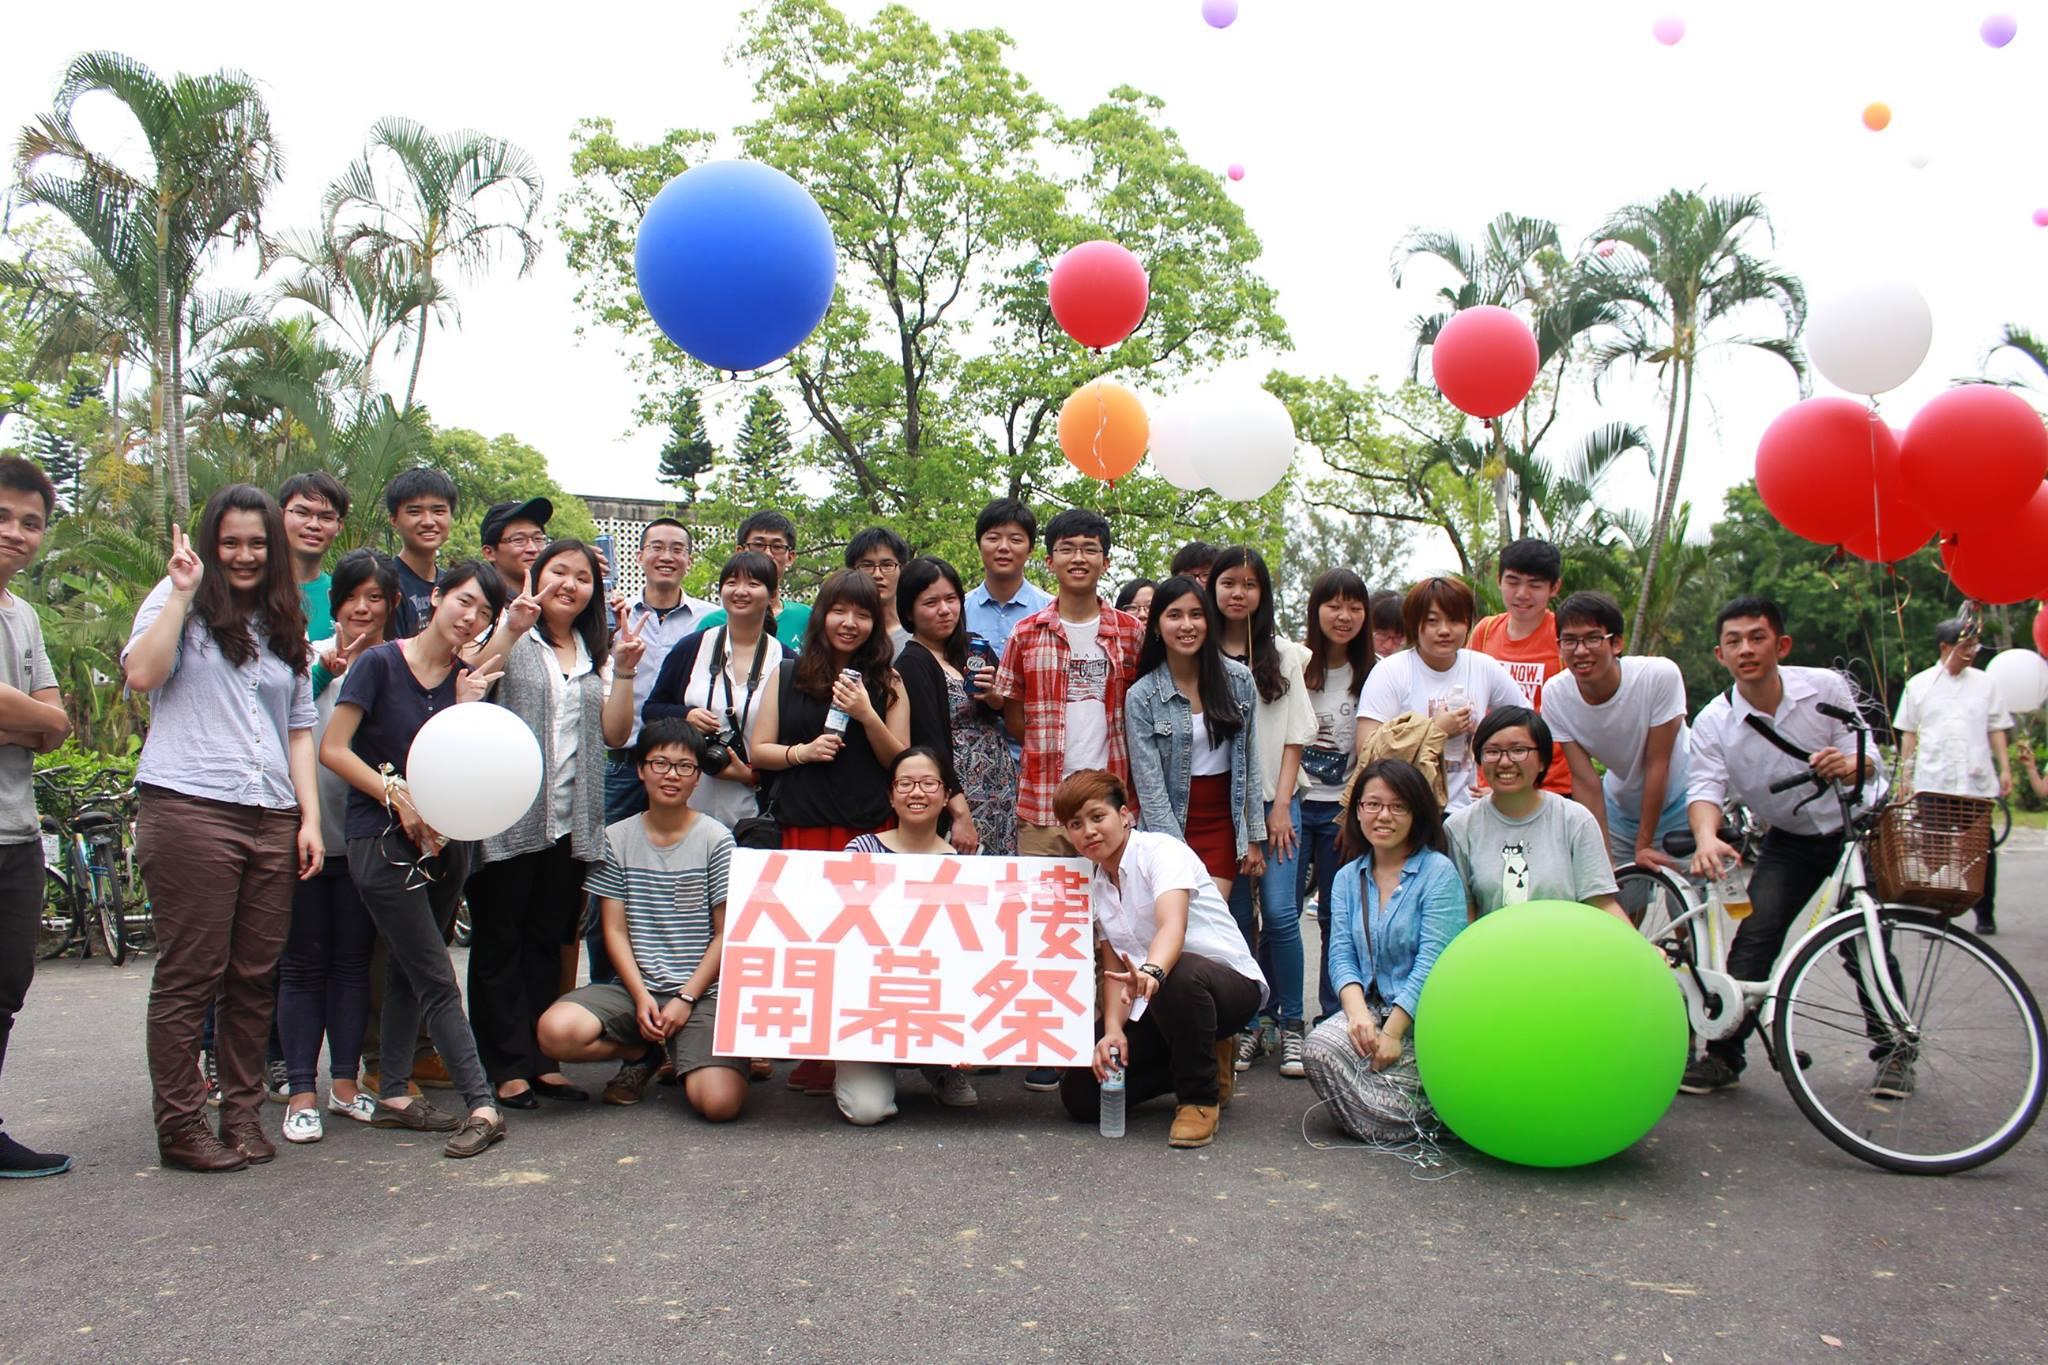 今年四月學生舉辦的「人文大樓開幕祭」,邀請反對方一起來對話。 圖/張斐昕提供